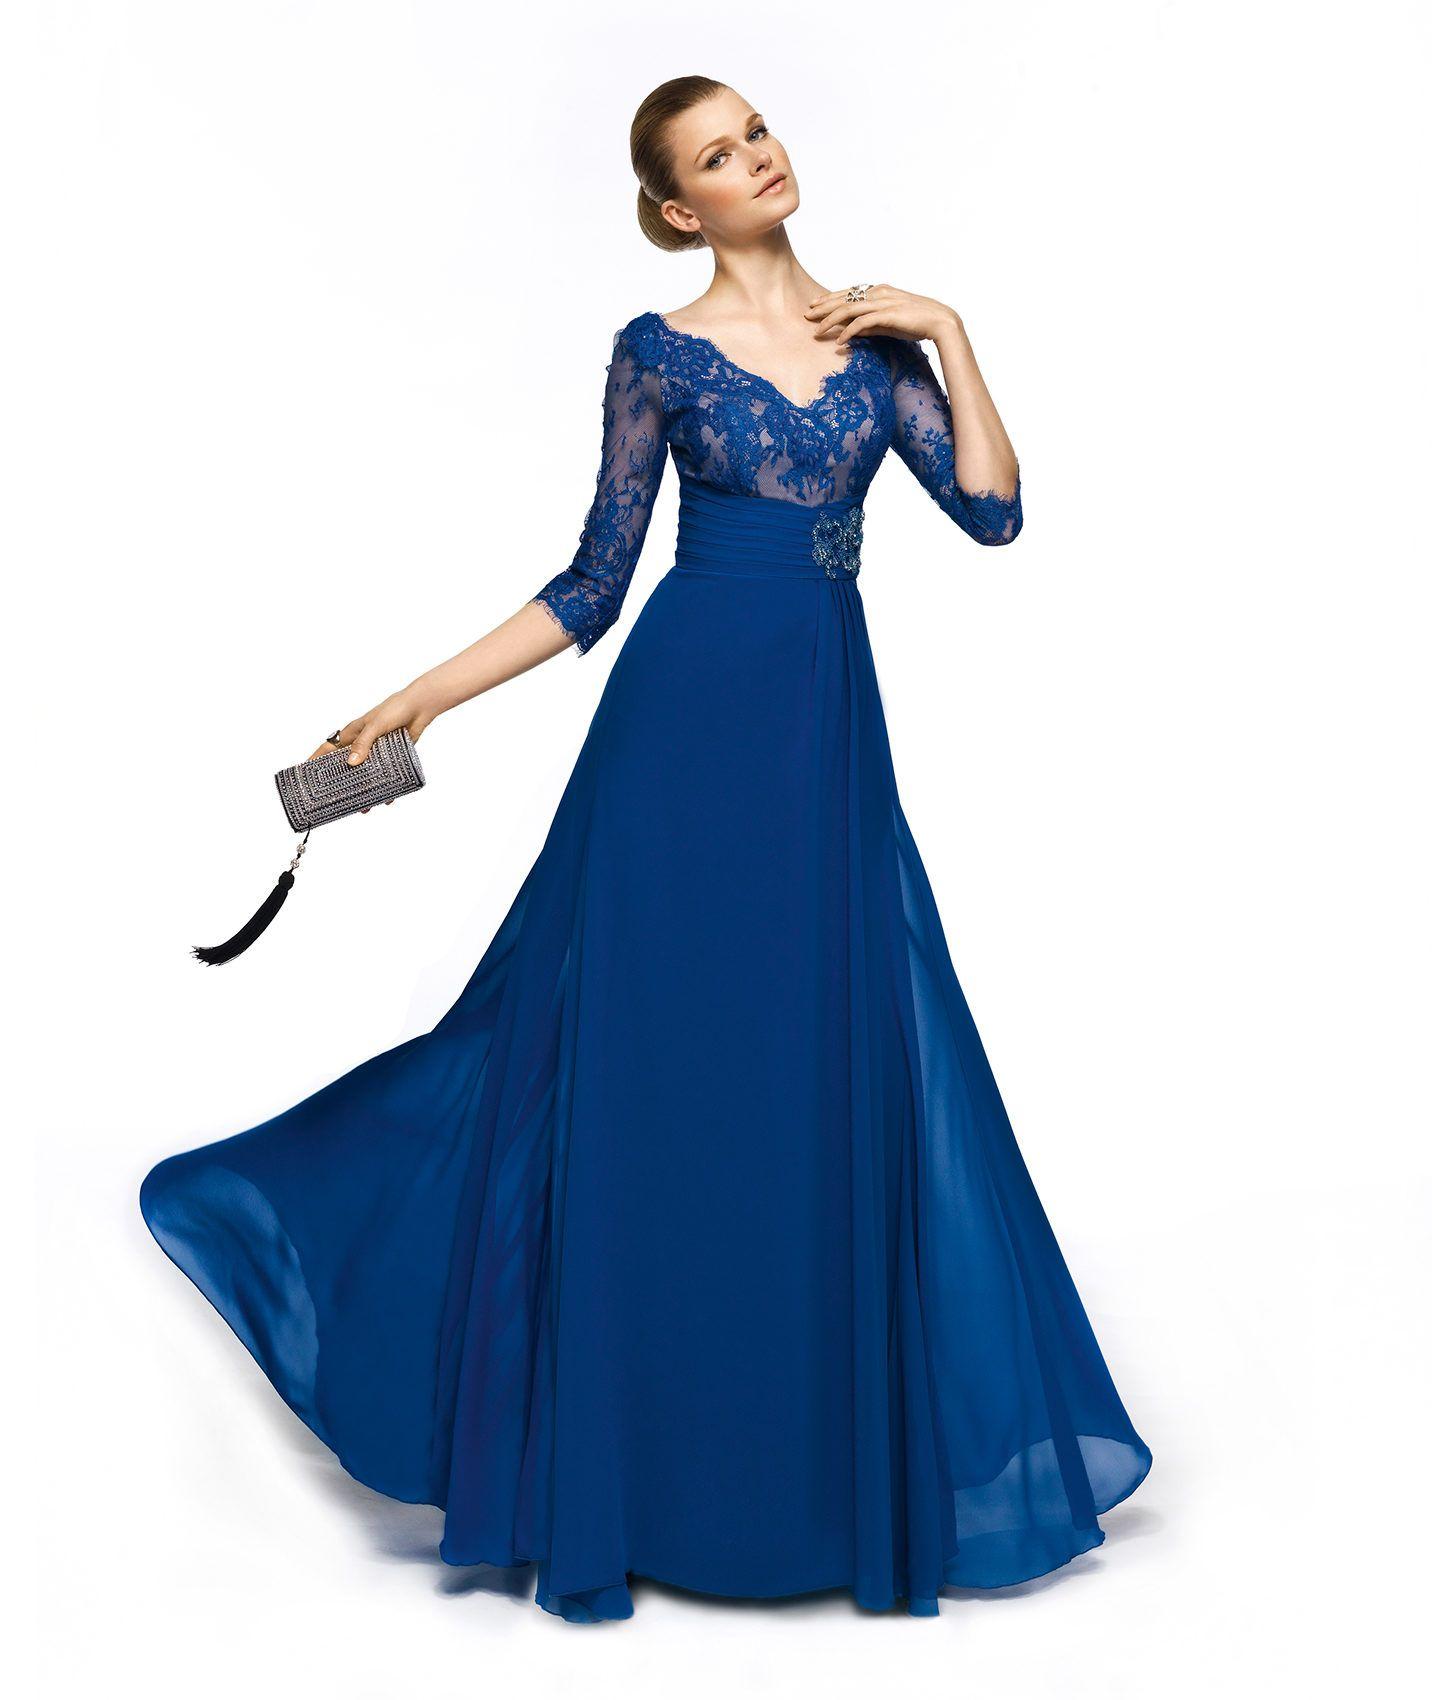 f10c1fb78 vestidos de noche color azul rey - Buscar con Google